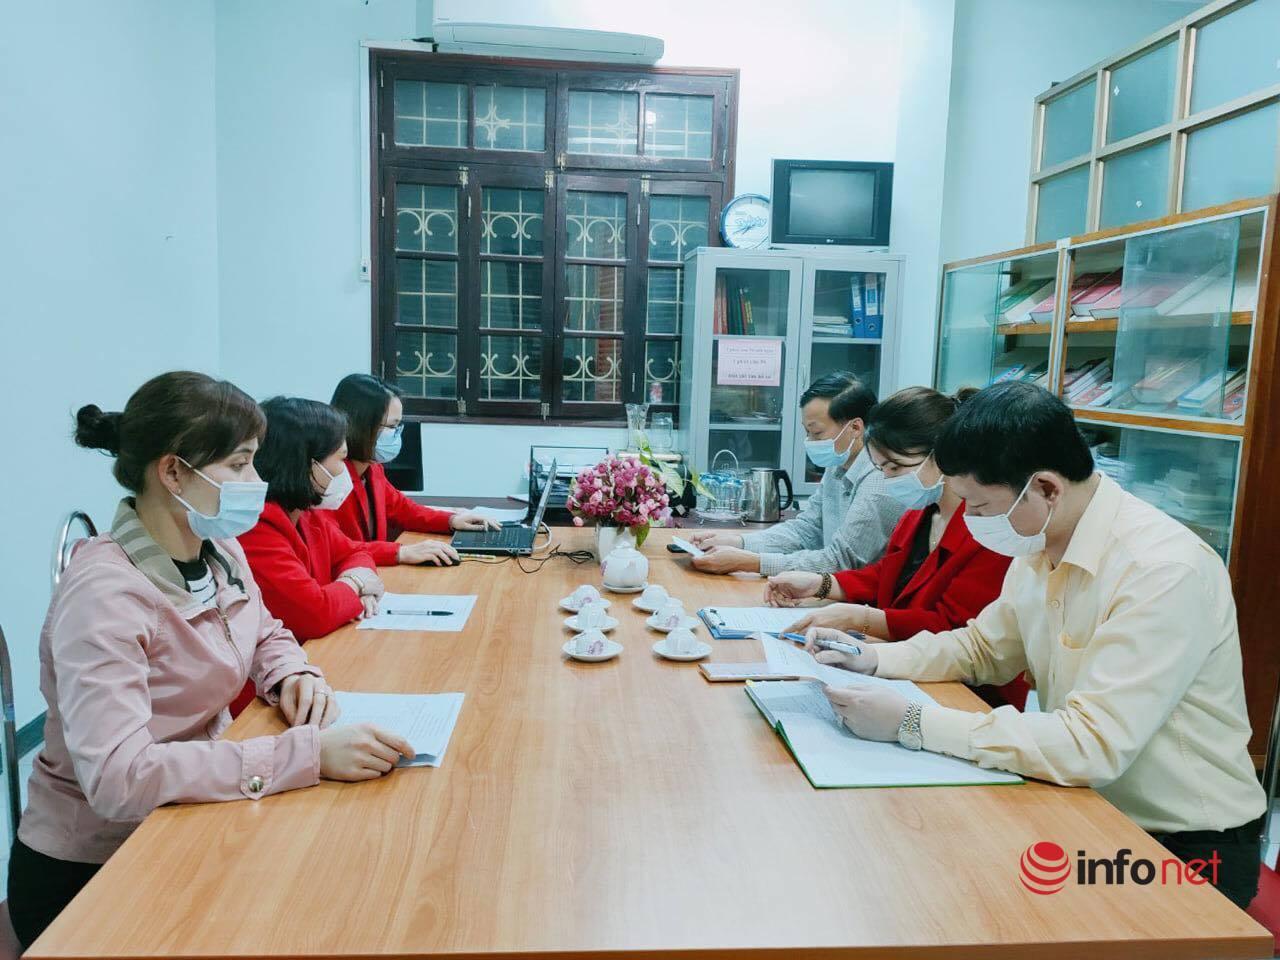 Nhóm bảo vệ 'hỗn chiến' với người nhà bệnh nhân, Bệnh viện Tuyên Quang cắt hợp đồng với công ty vệ sĩ